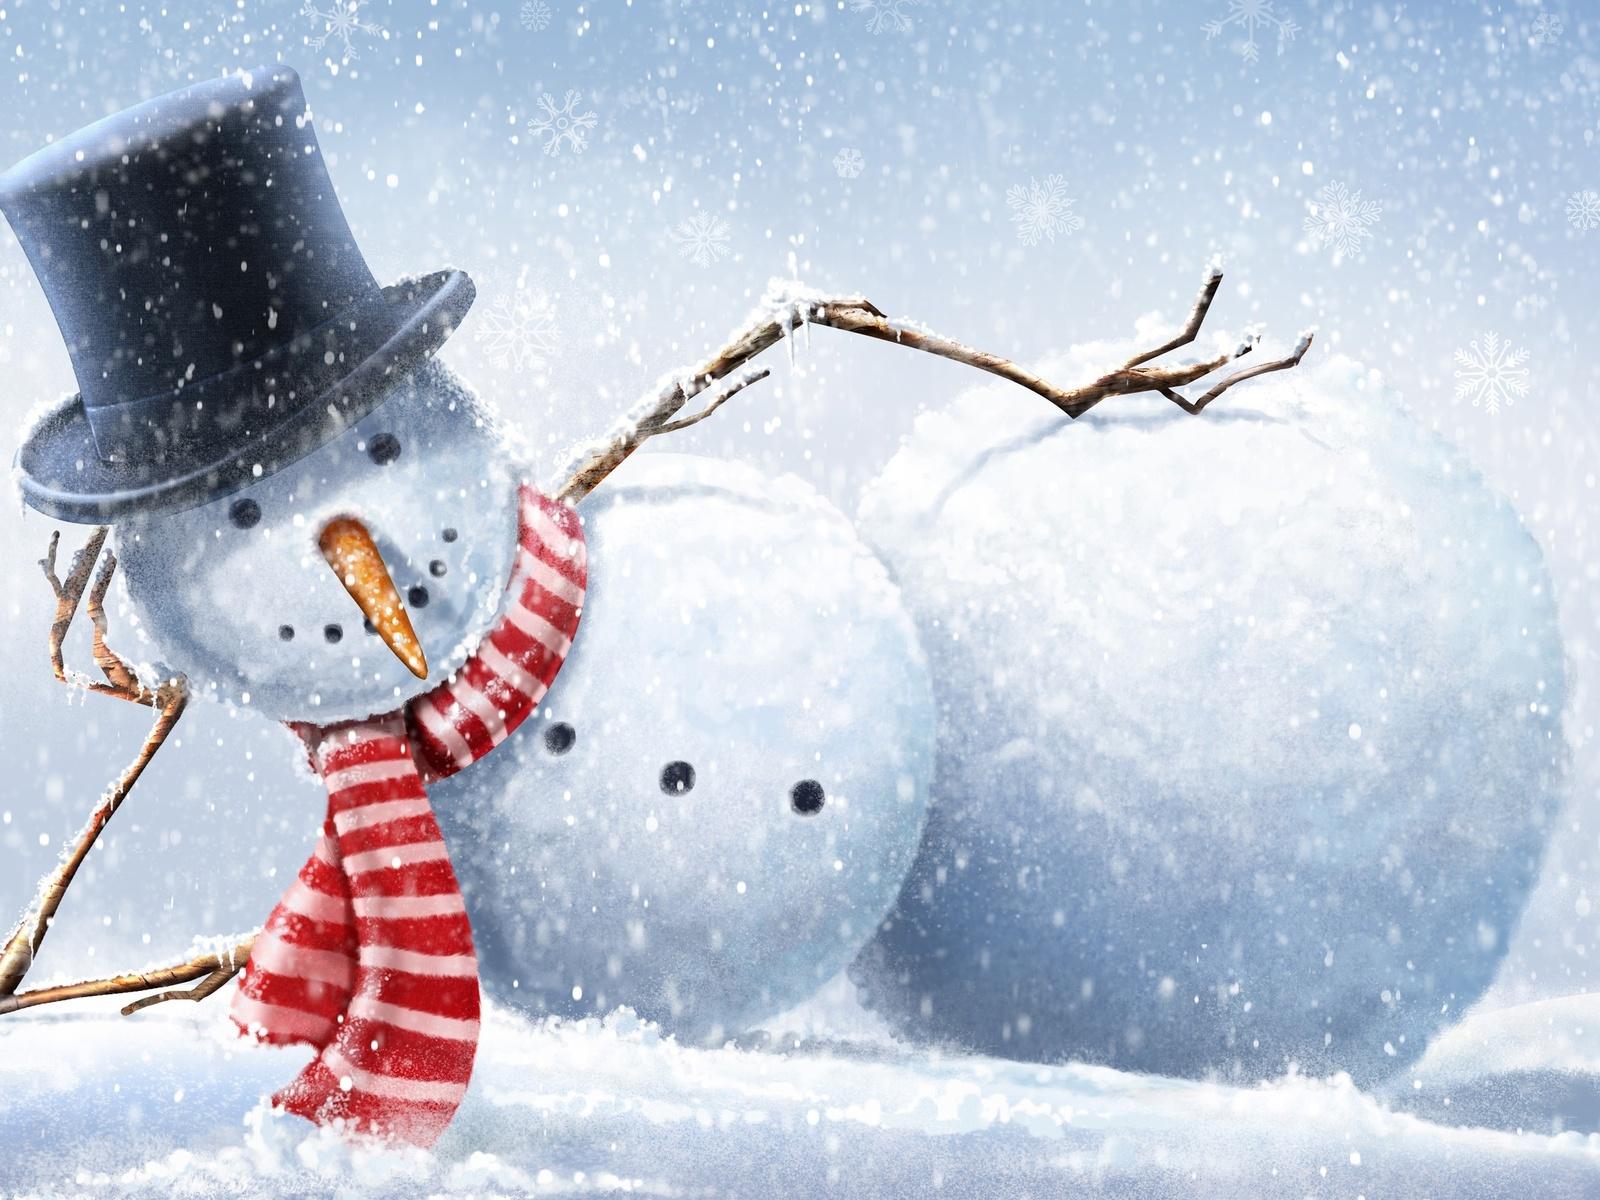 Bienvenidos al nuevo foro de apoyo a Noe #302 / 22.12.15 ~ 27.12.15 - Página 7 Fotos-de-mu%25C3%25B1eco-de-nieve-con-sombrero